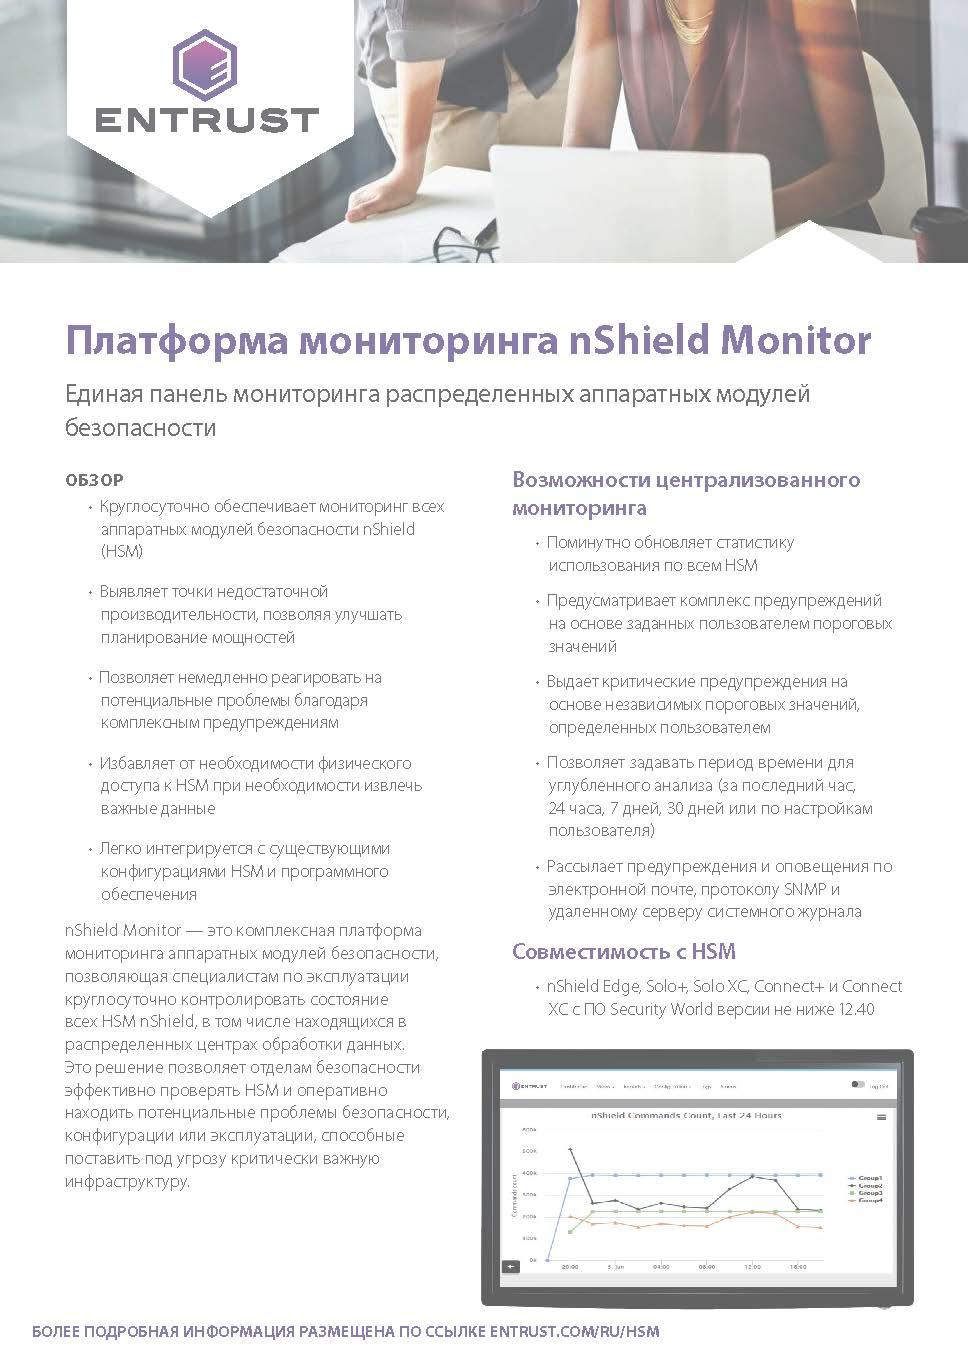 Платформа мониторинга nShield Monitor